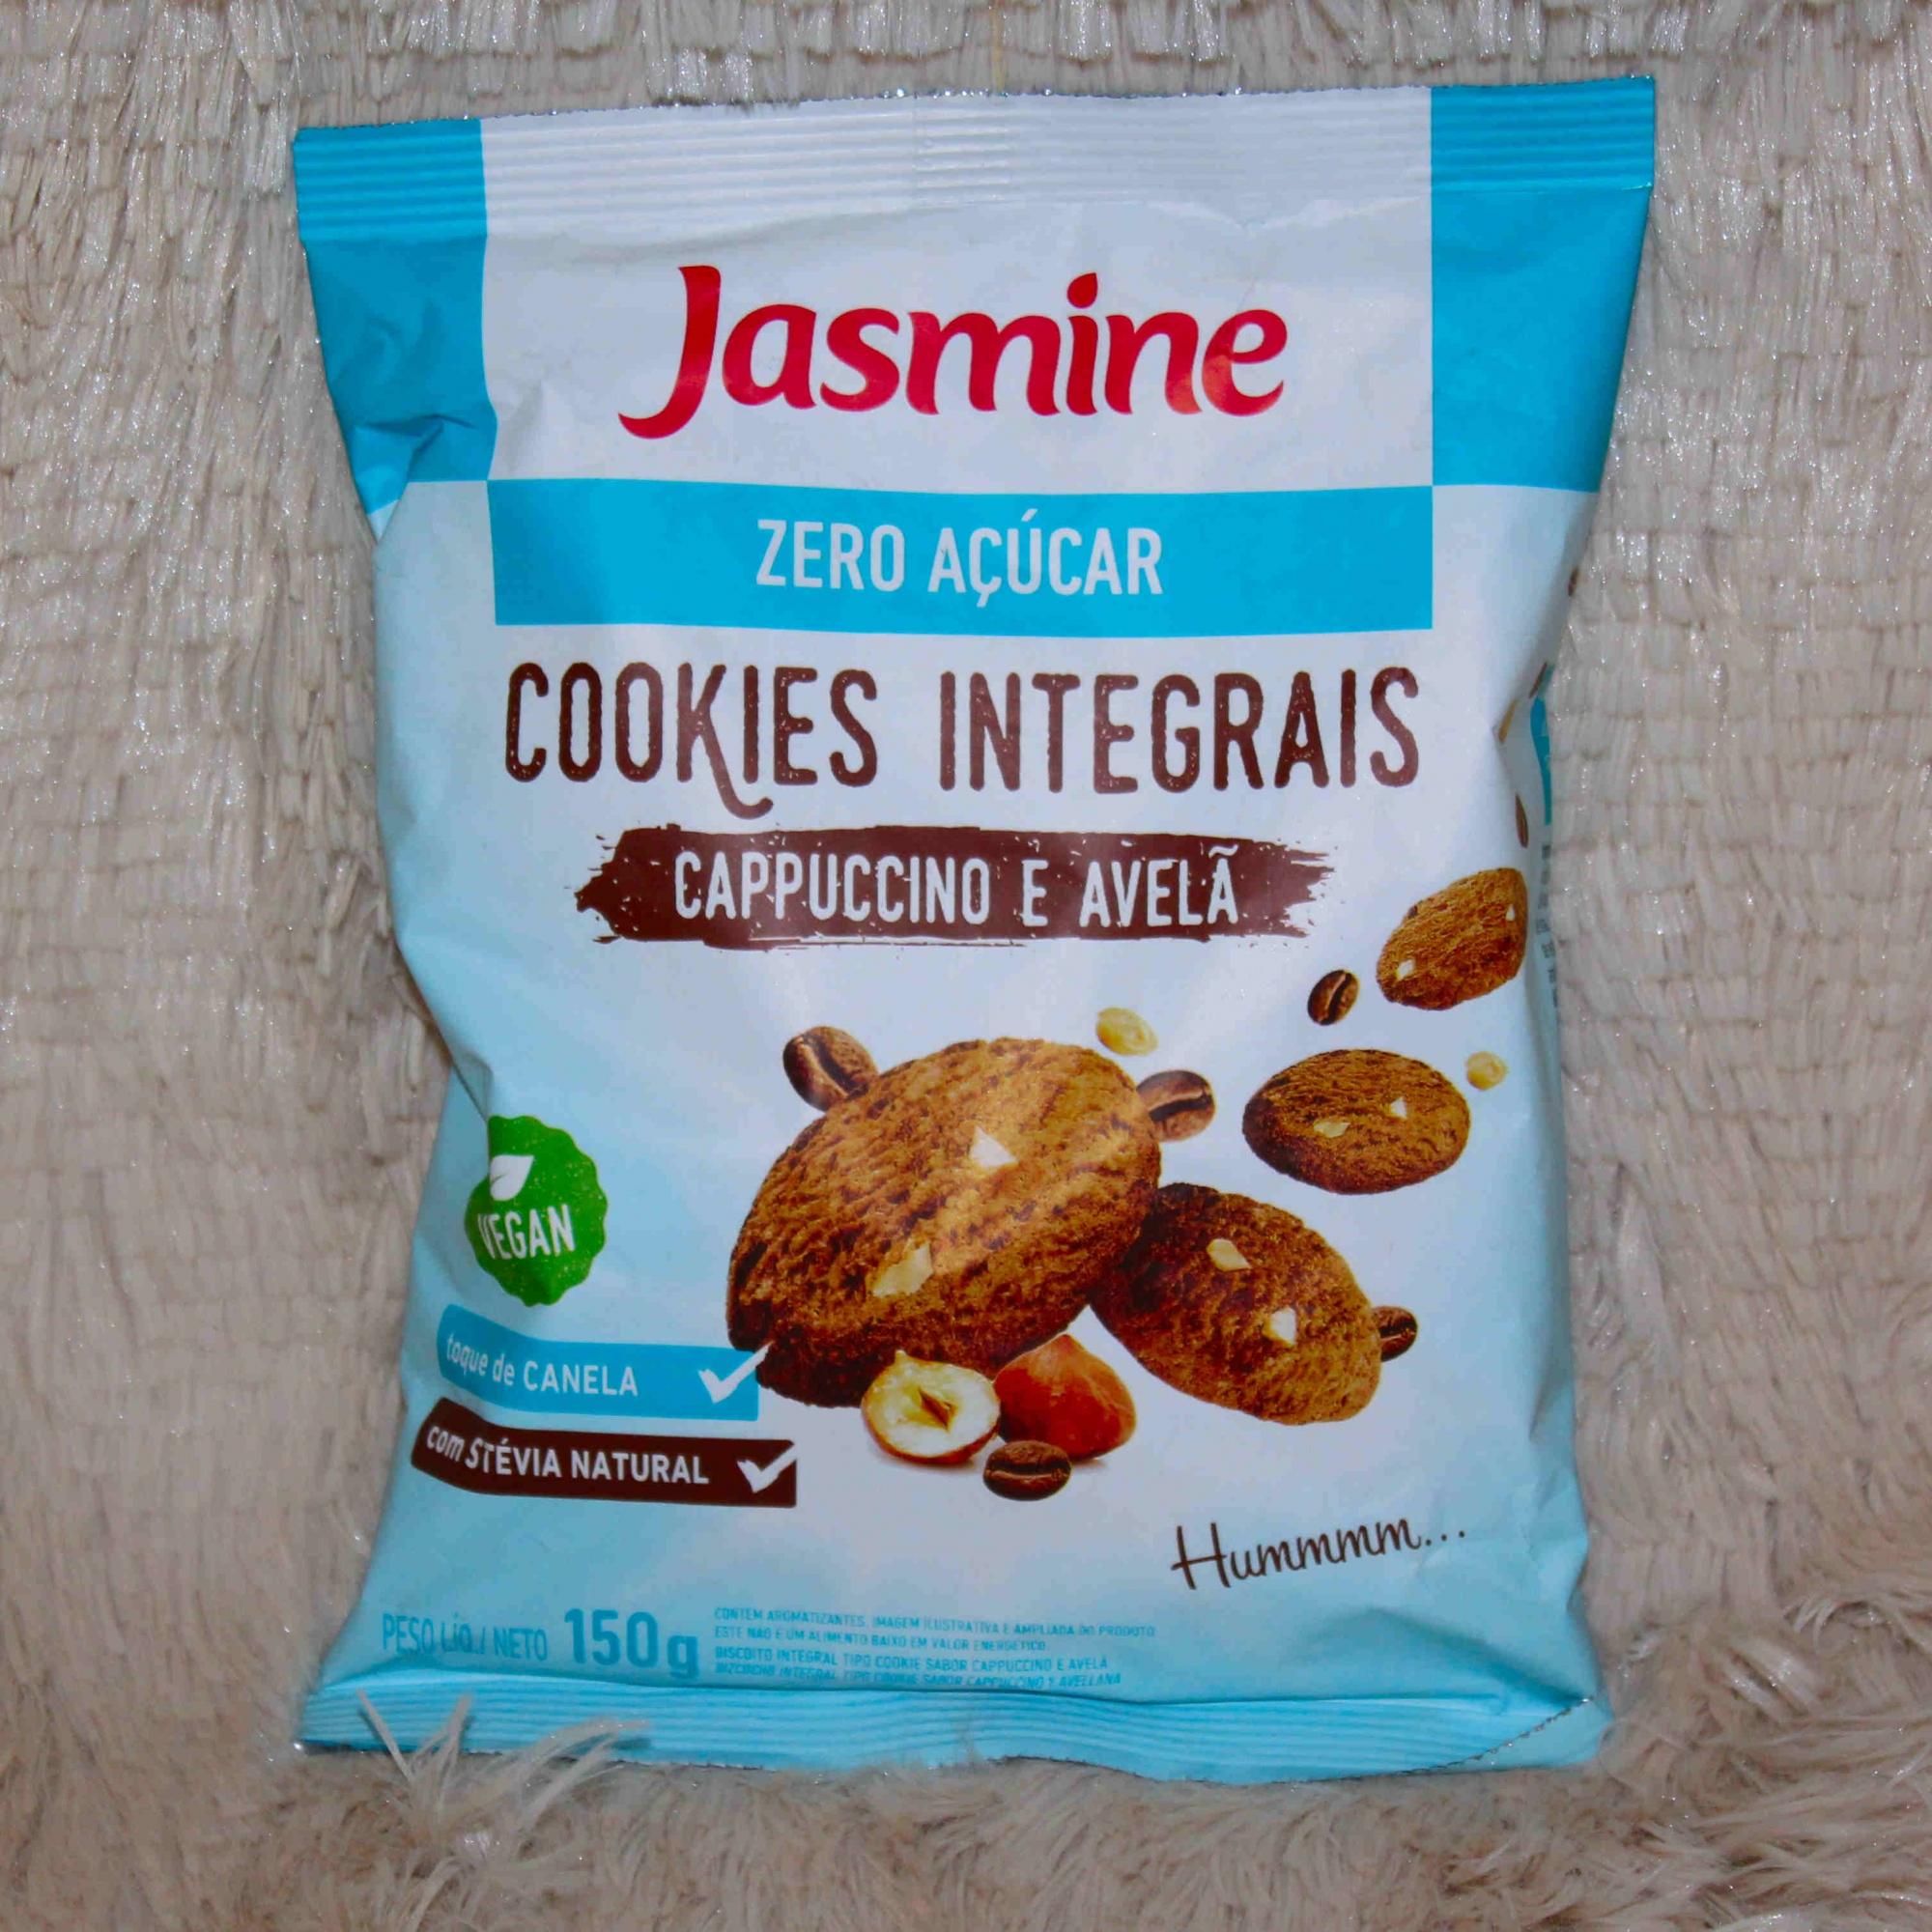 Adicional Cookies Integrais de Cappuccino e Avelã - Zero Açúcar